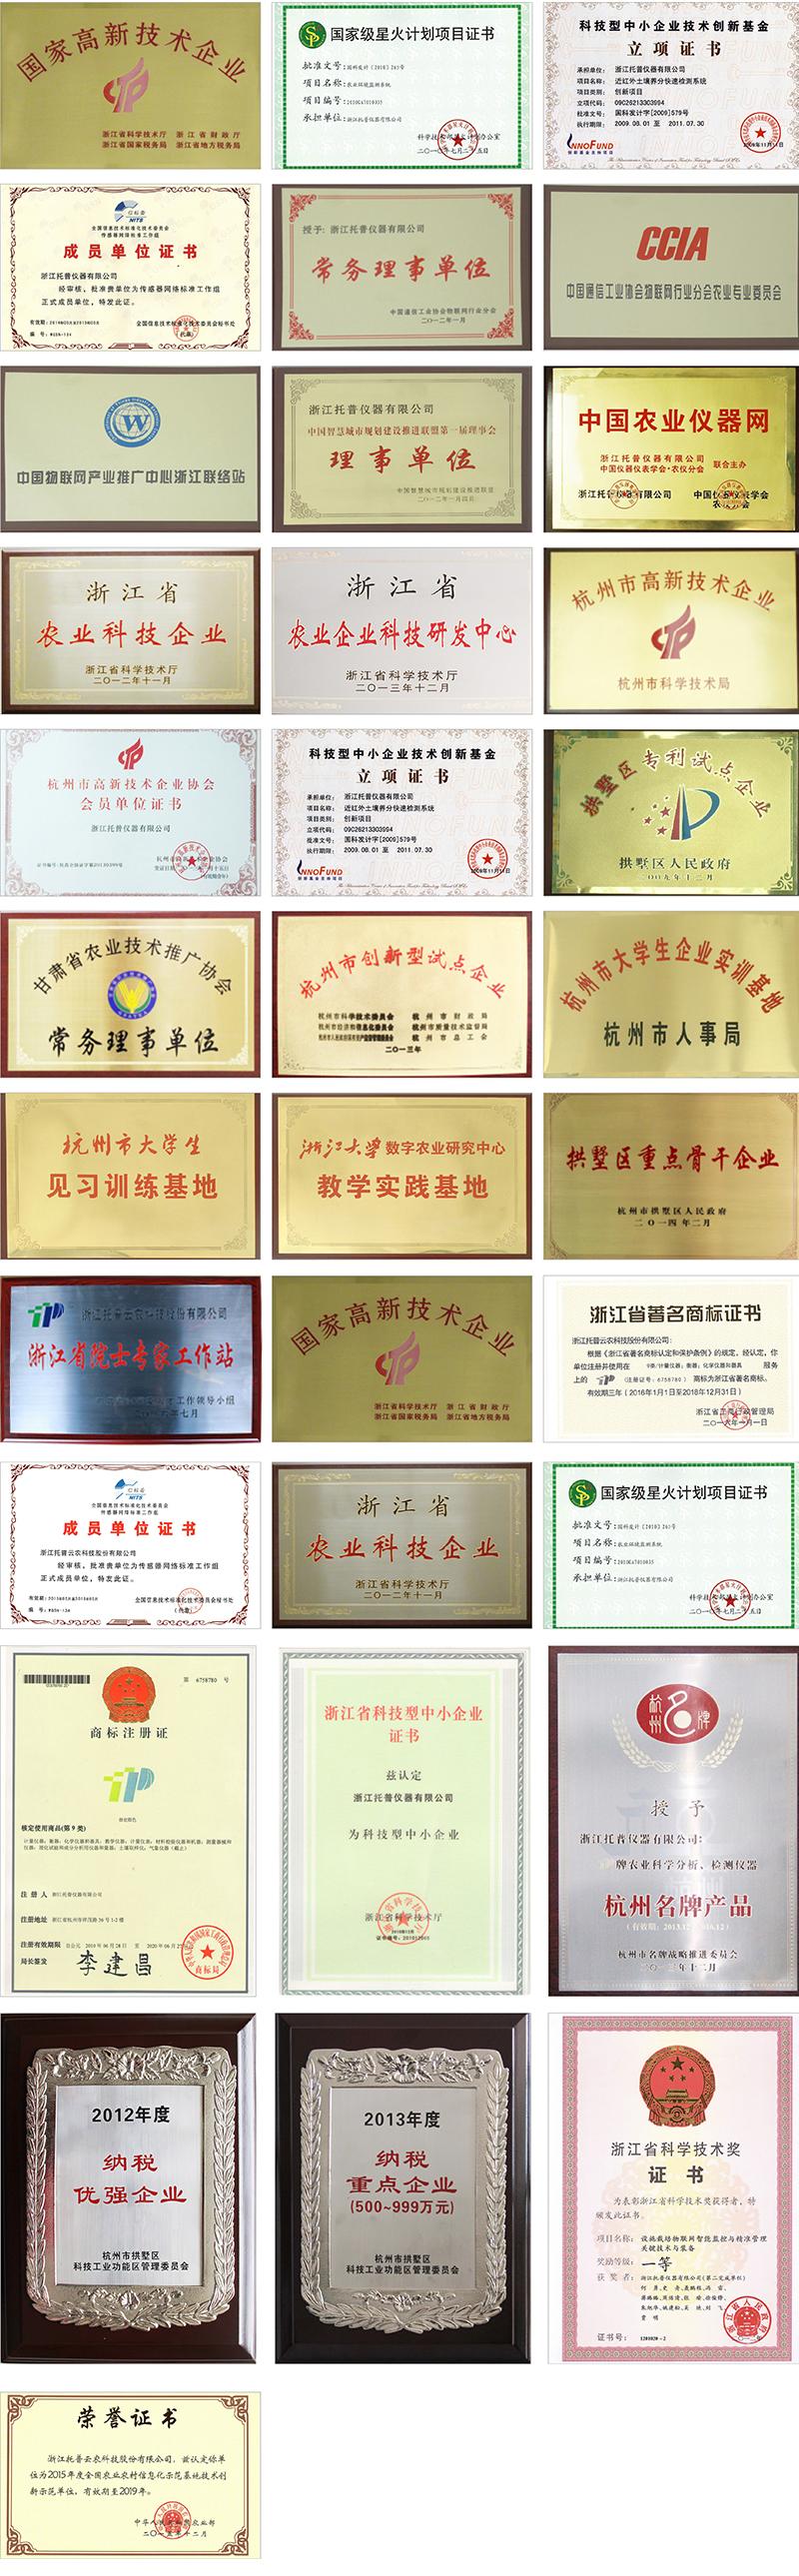 浙江新万博亚洲manbetx云农各类荣誉资质证书